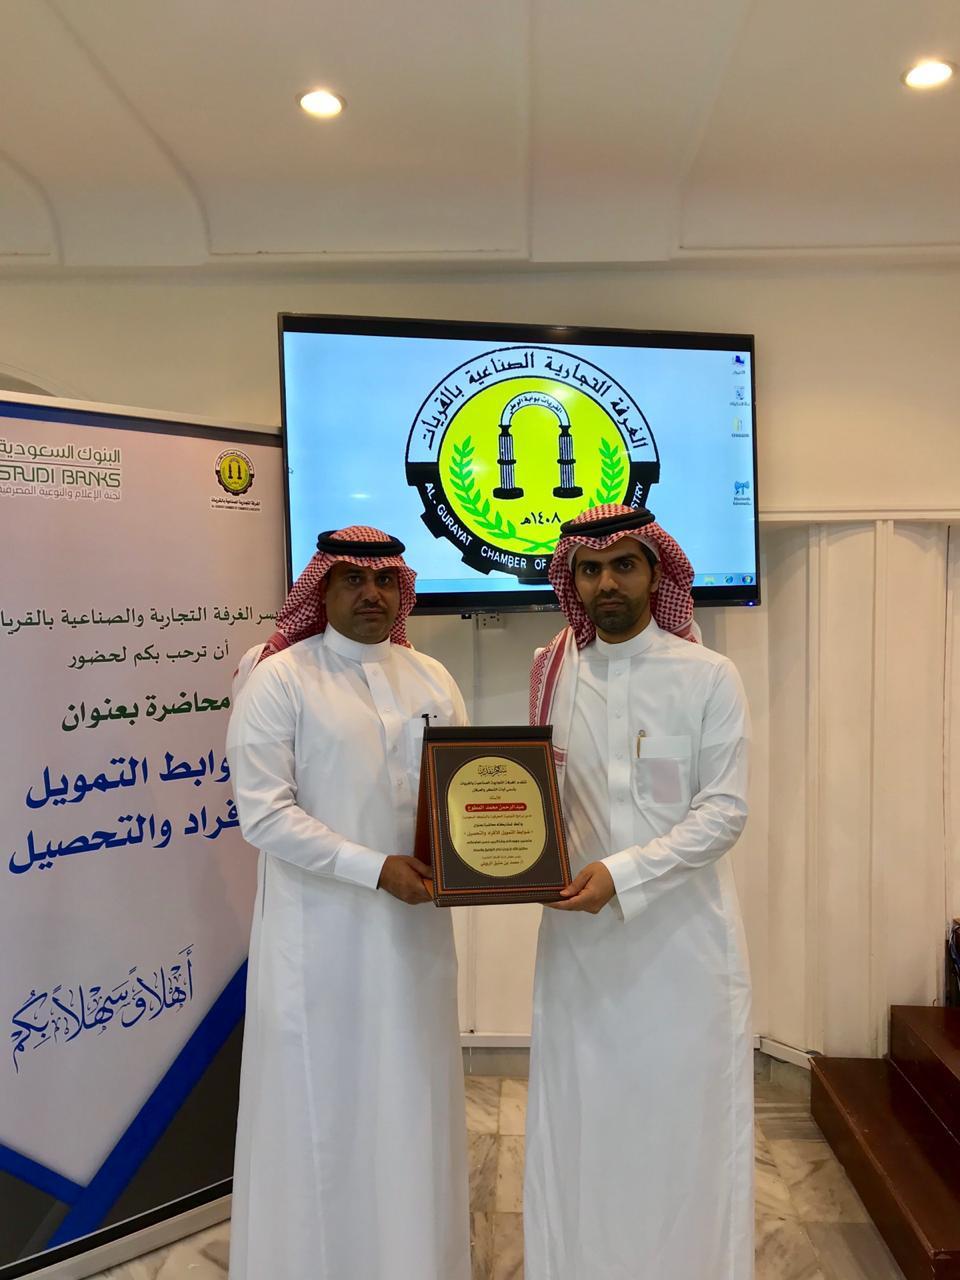 غرفة القريات تقيم محاضرة بالتعاون مع البنوك السعودية